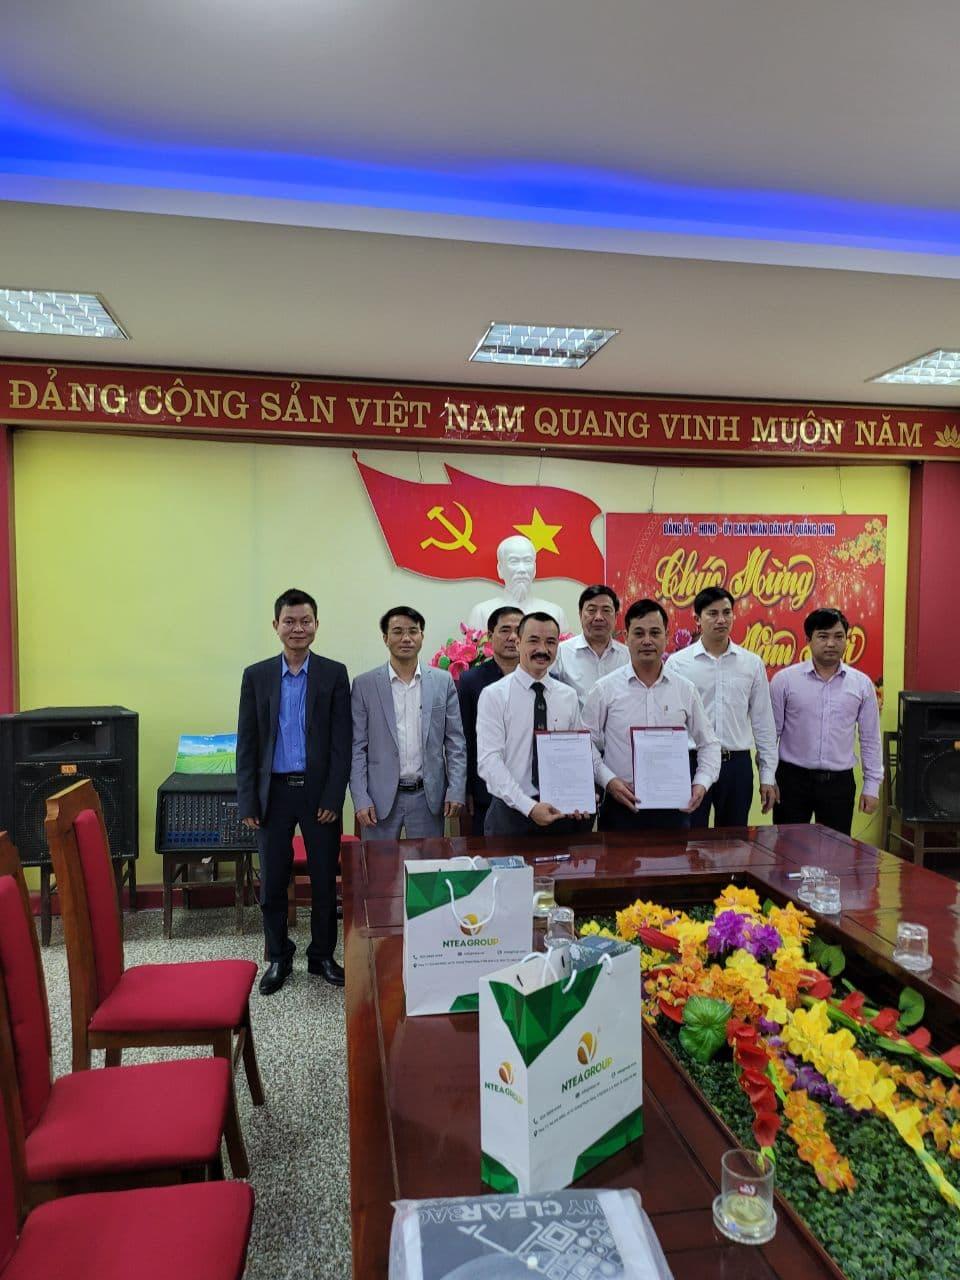 Tập đoàn Ntea làm việc tại Quảng Ninh